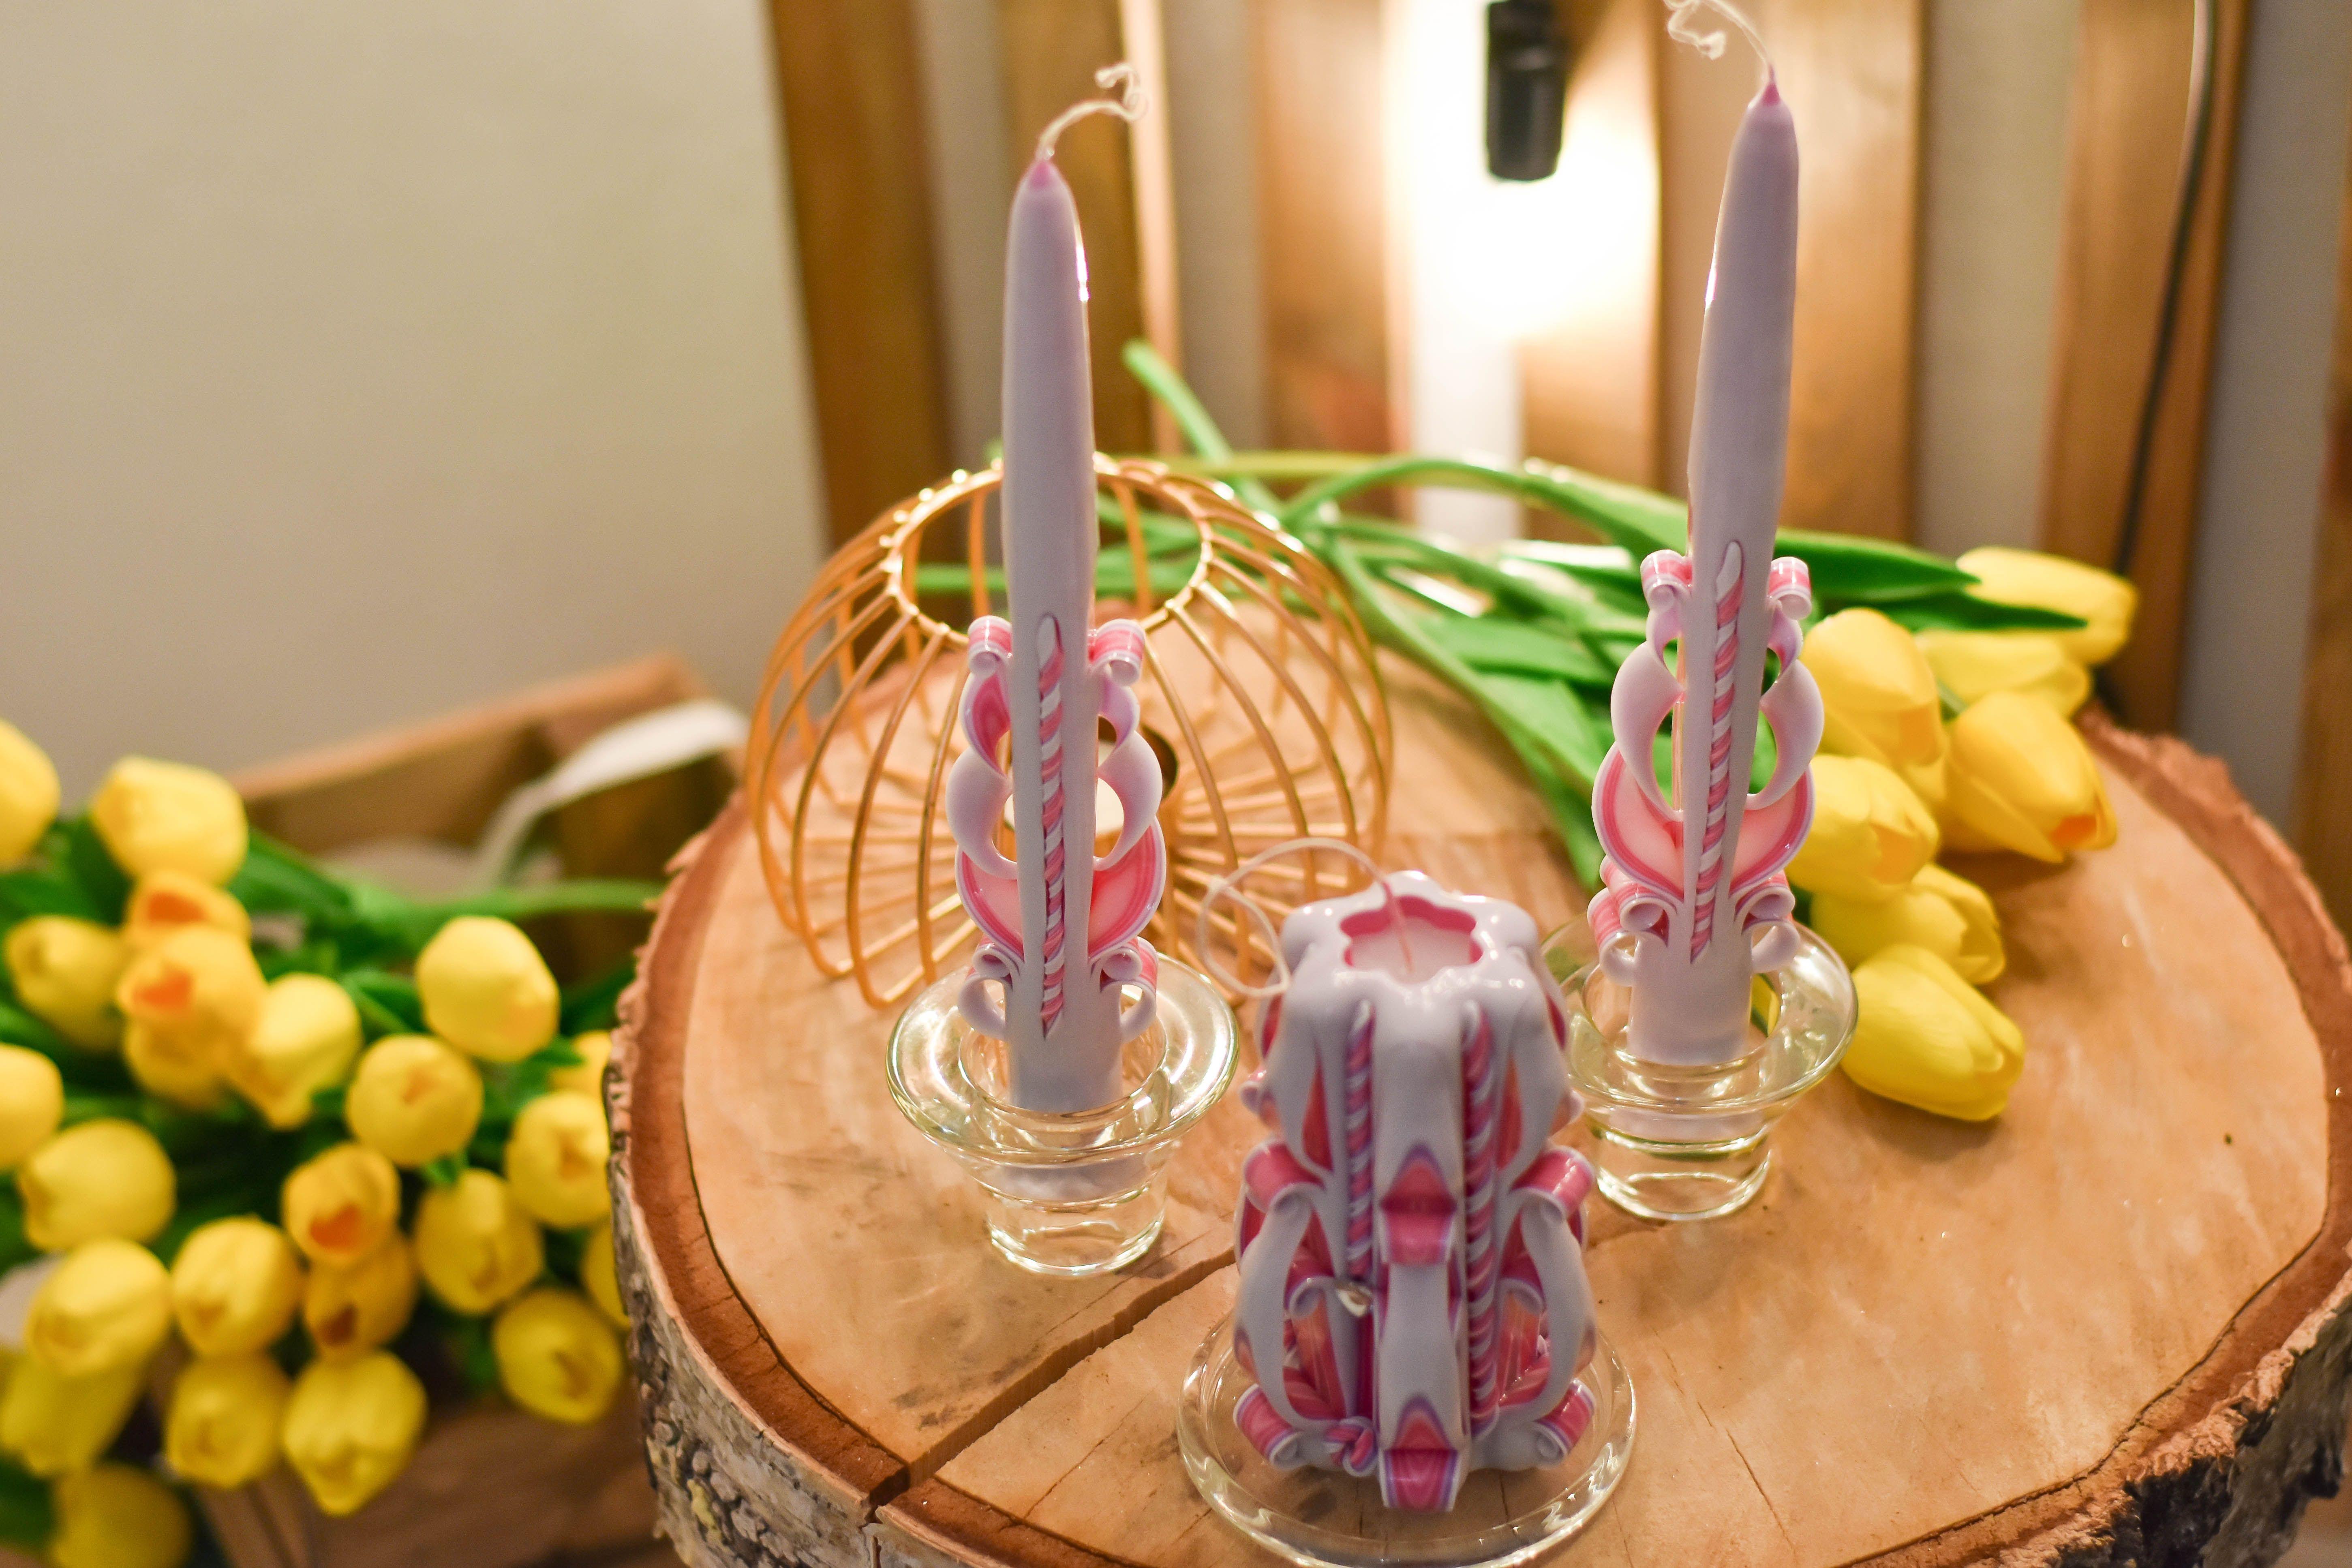 ручнаяработа семейныйочаг подарок резныесвечи свечи крестины свадебныесвечи свеча красивыесвечи резнаясвеча венчание свадьба